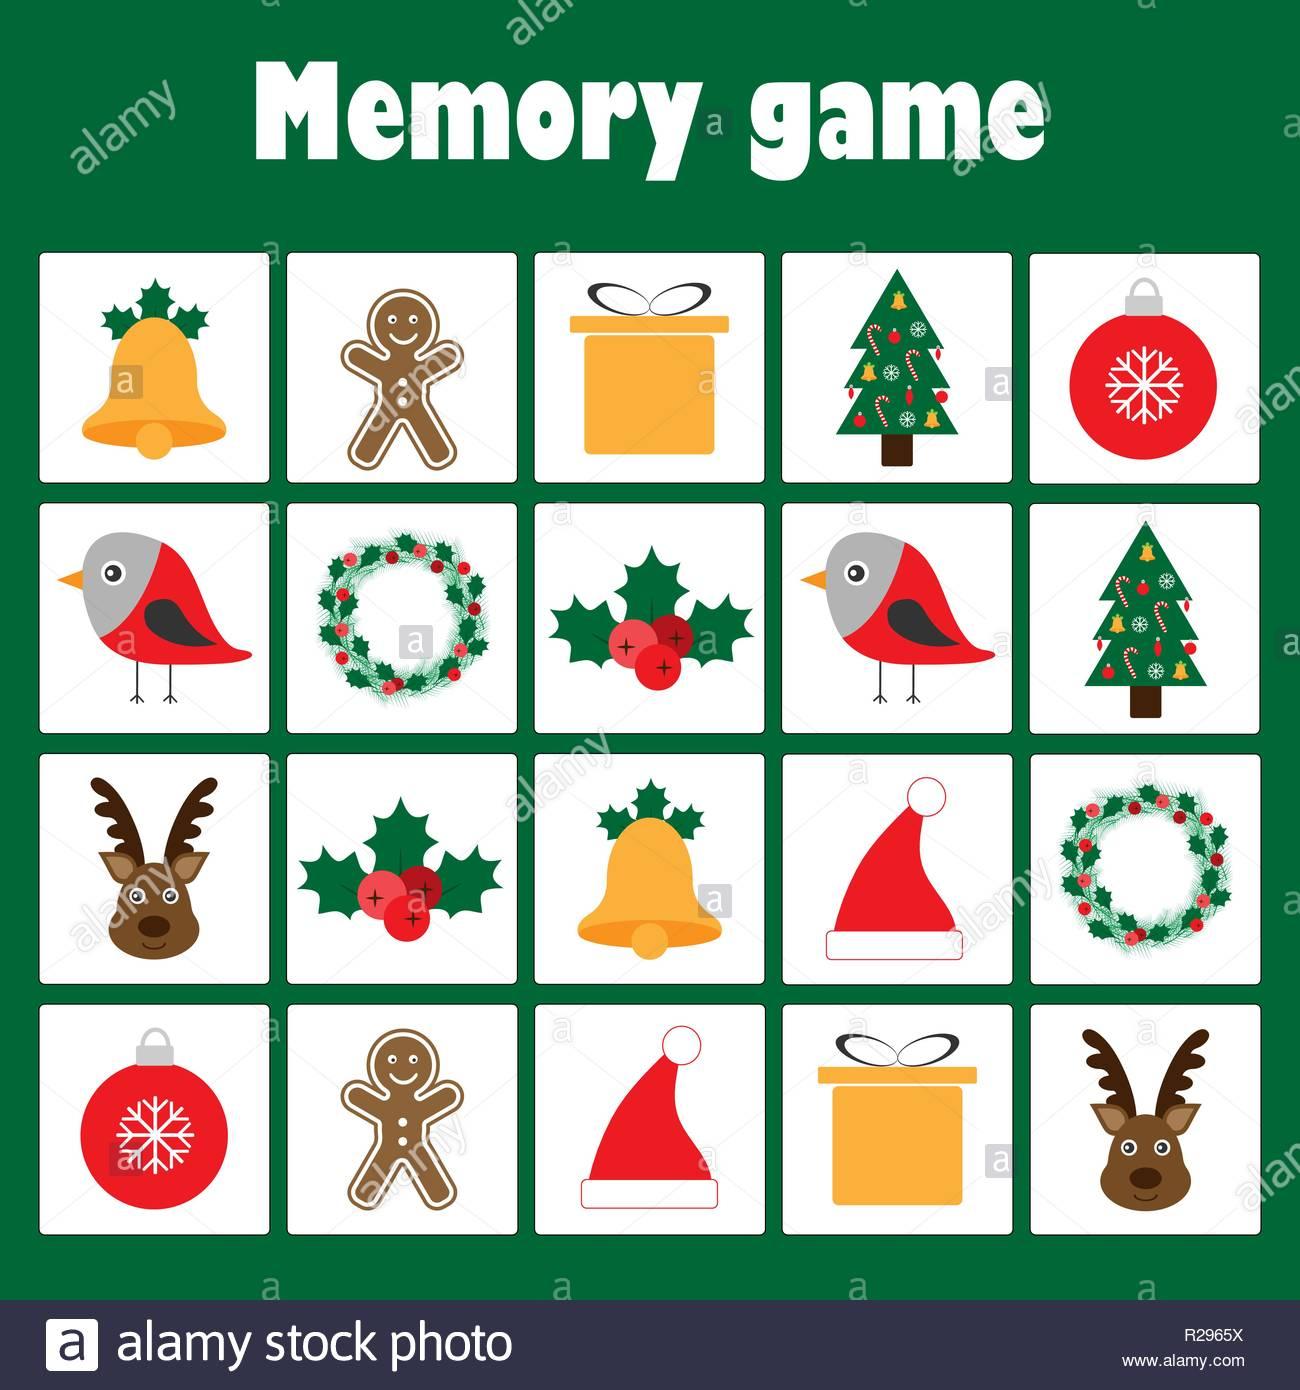 Jeu De Mémoire Avec Des Images - Thème De Noël Pour Les encequiconcerne Jeux De Memoire Enfant